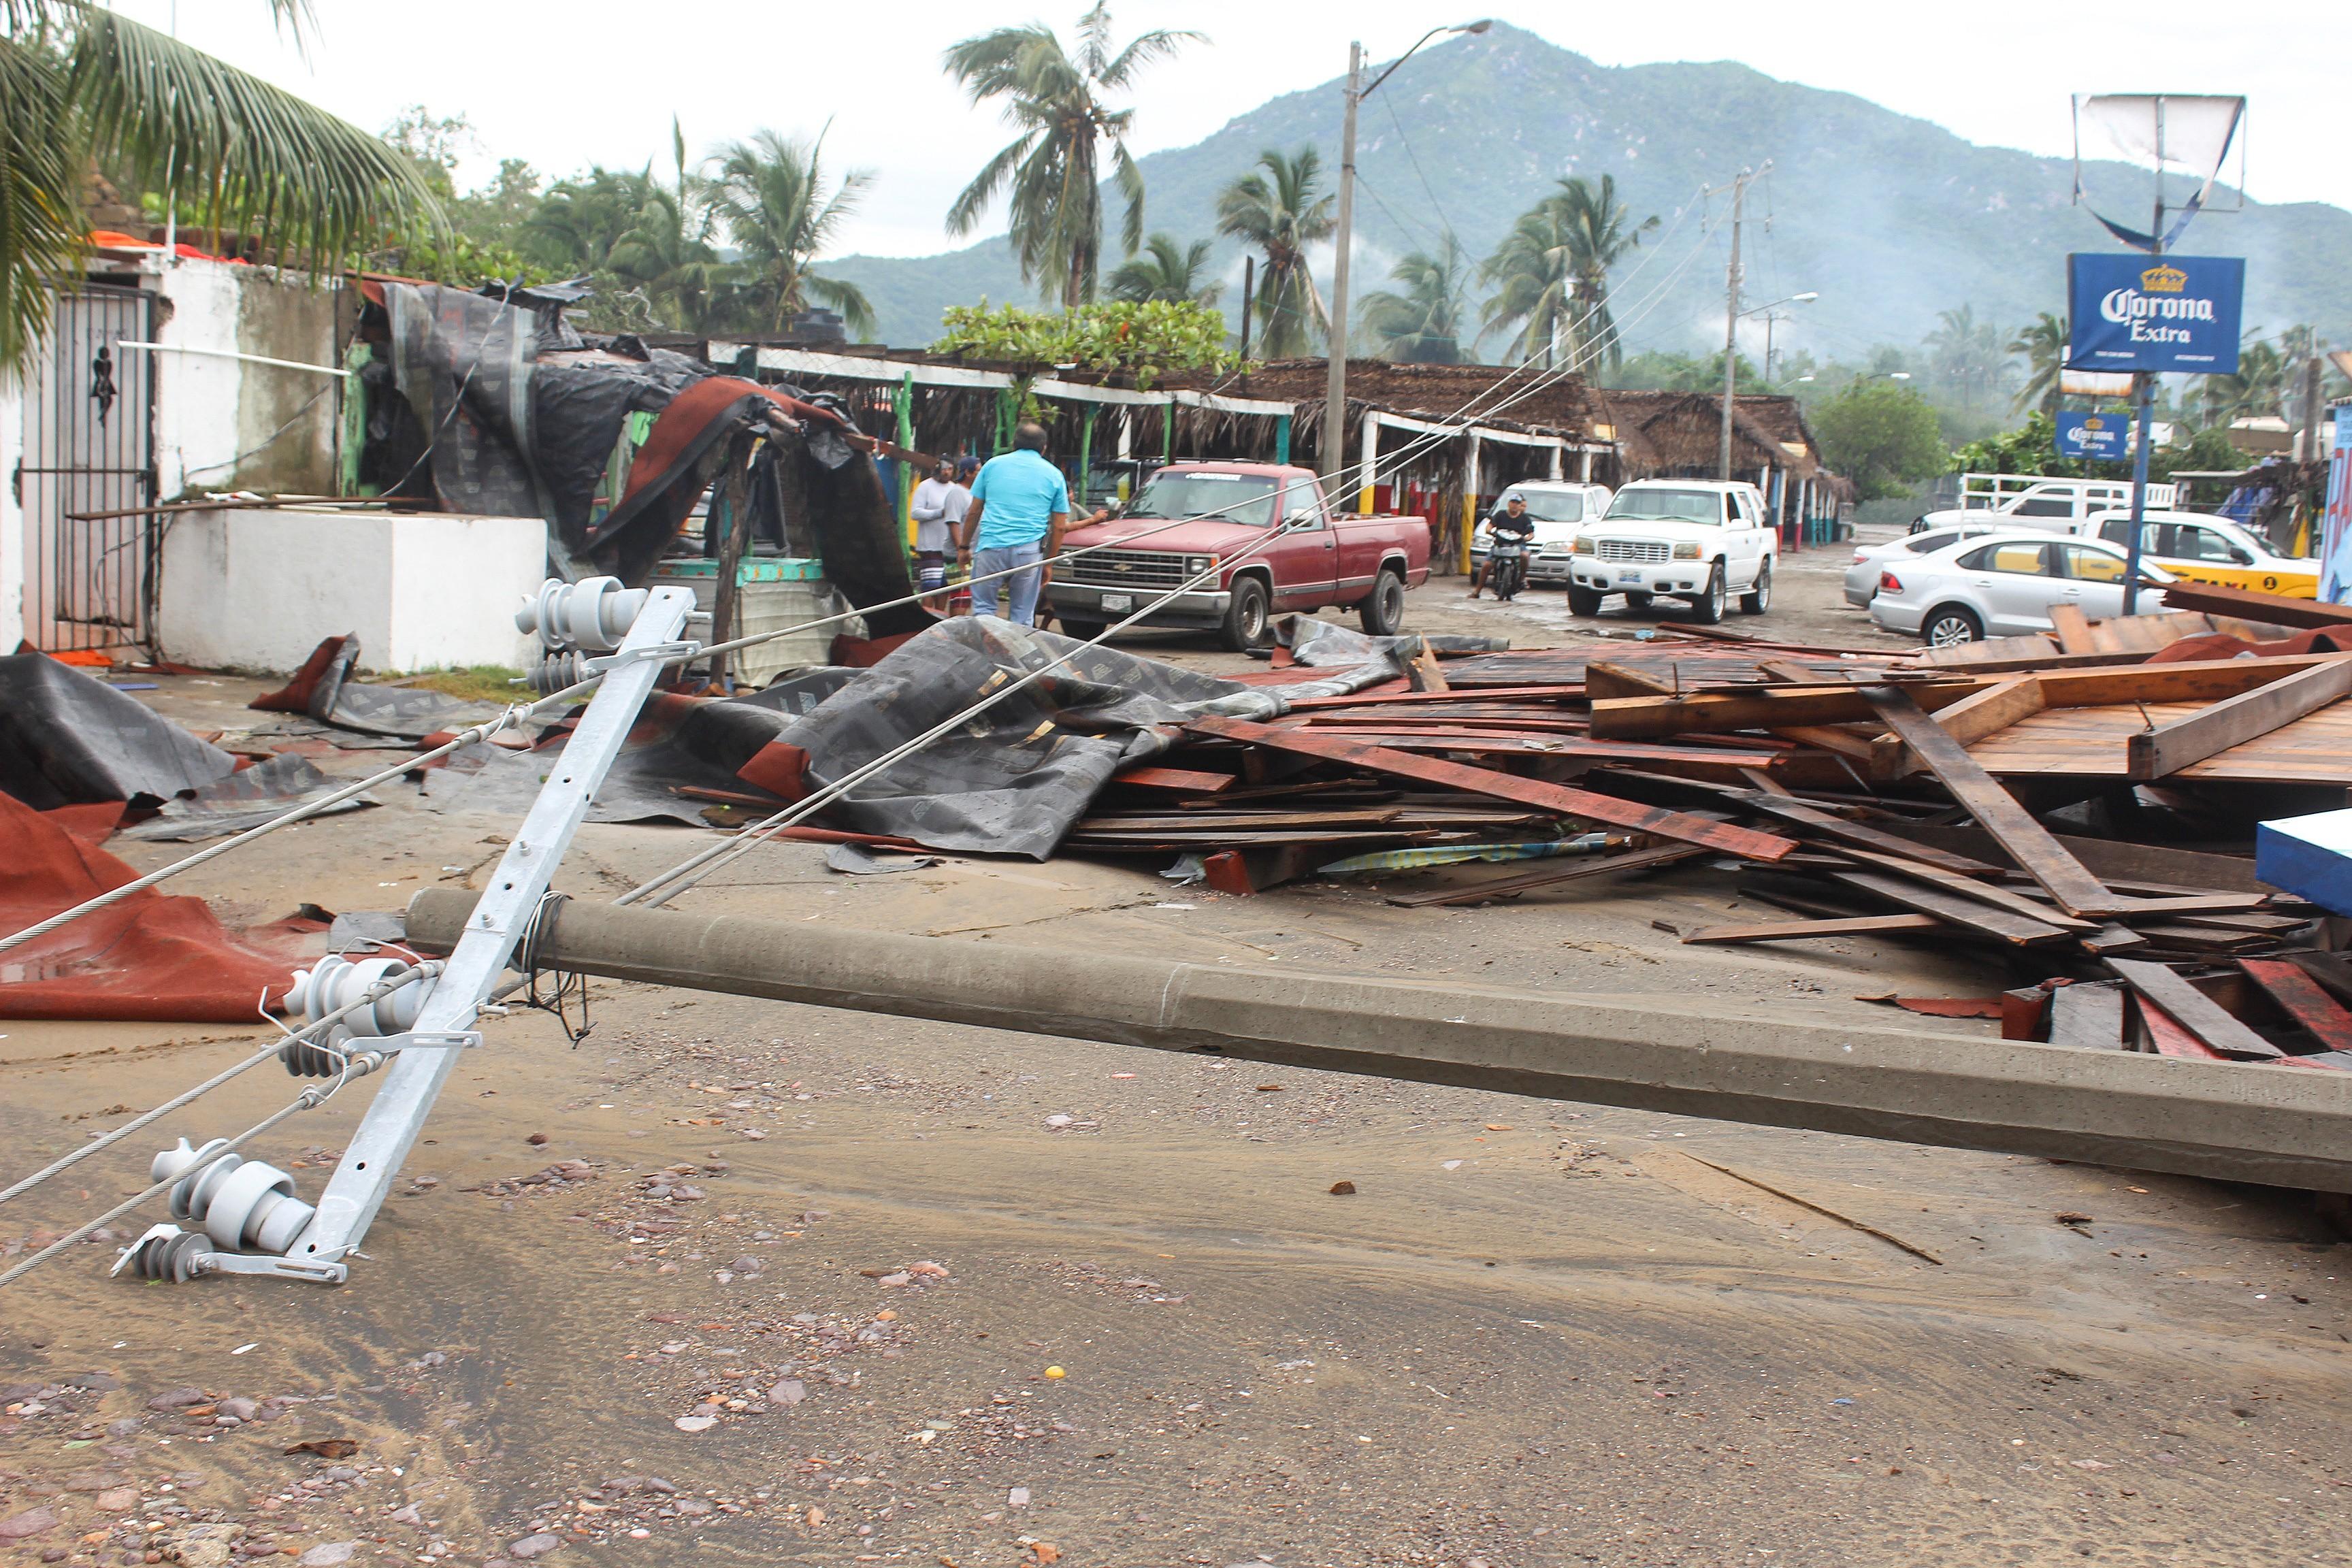 No México, península se prepara para passagem do furacão Lorena - Notícias - Plantão Diário